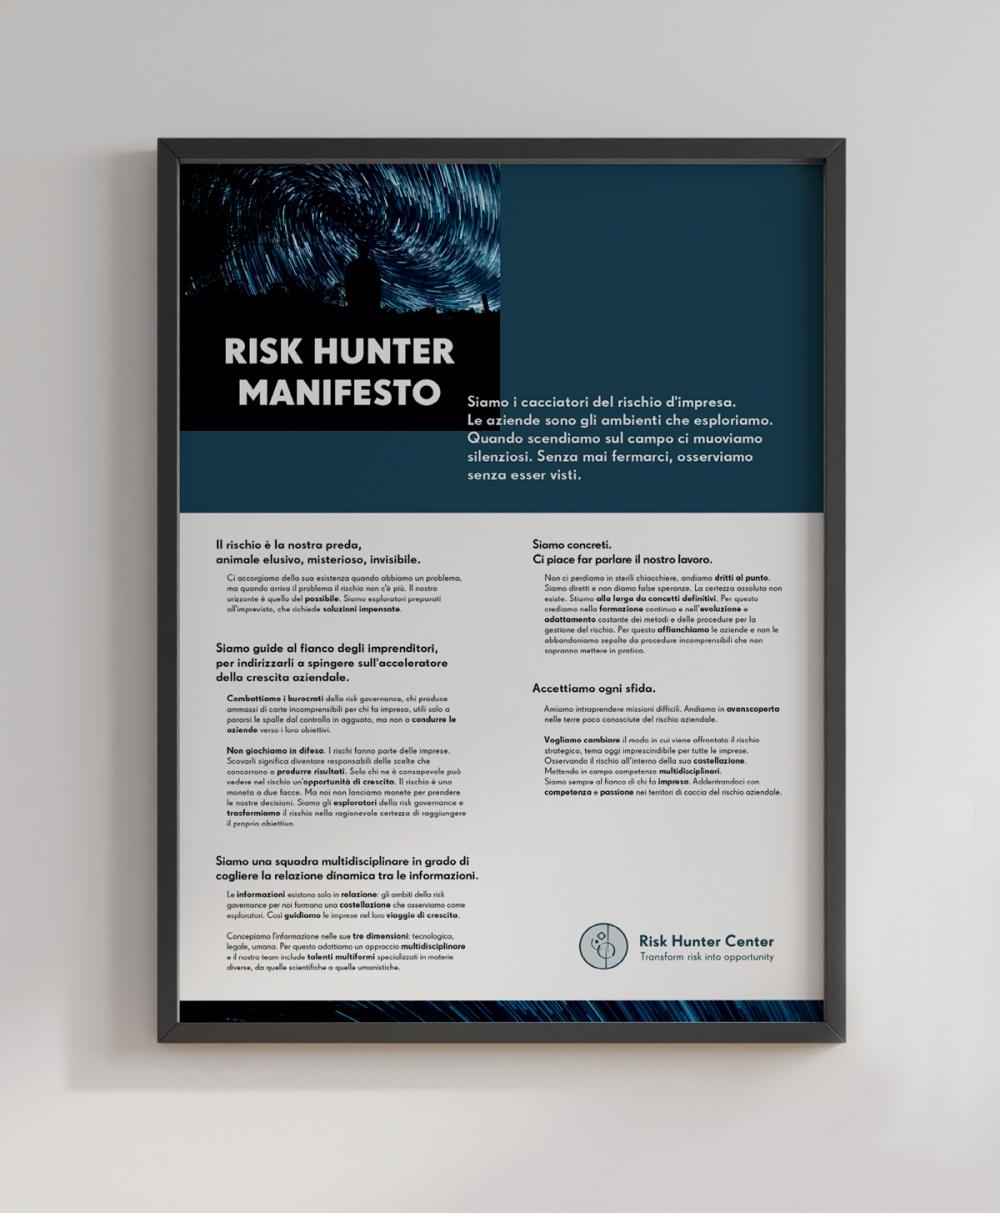 text-manifesto risk hunter center